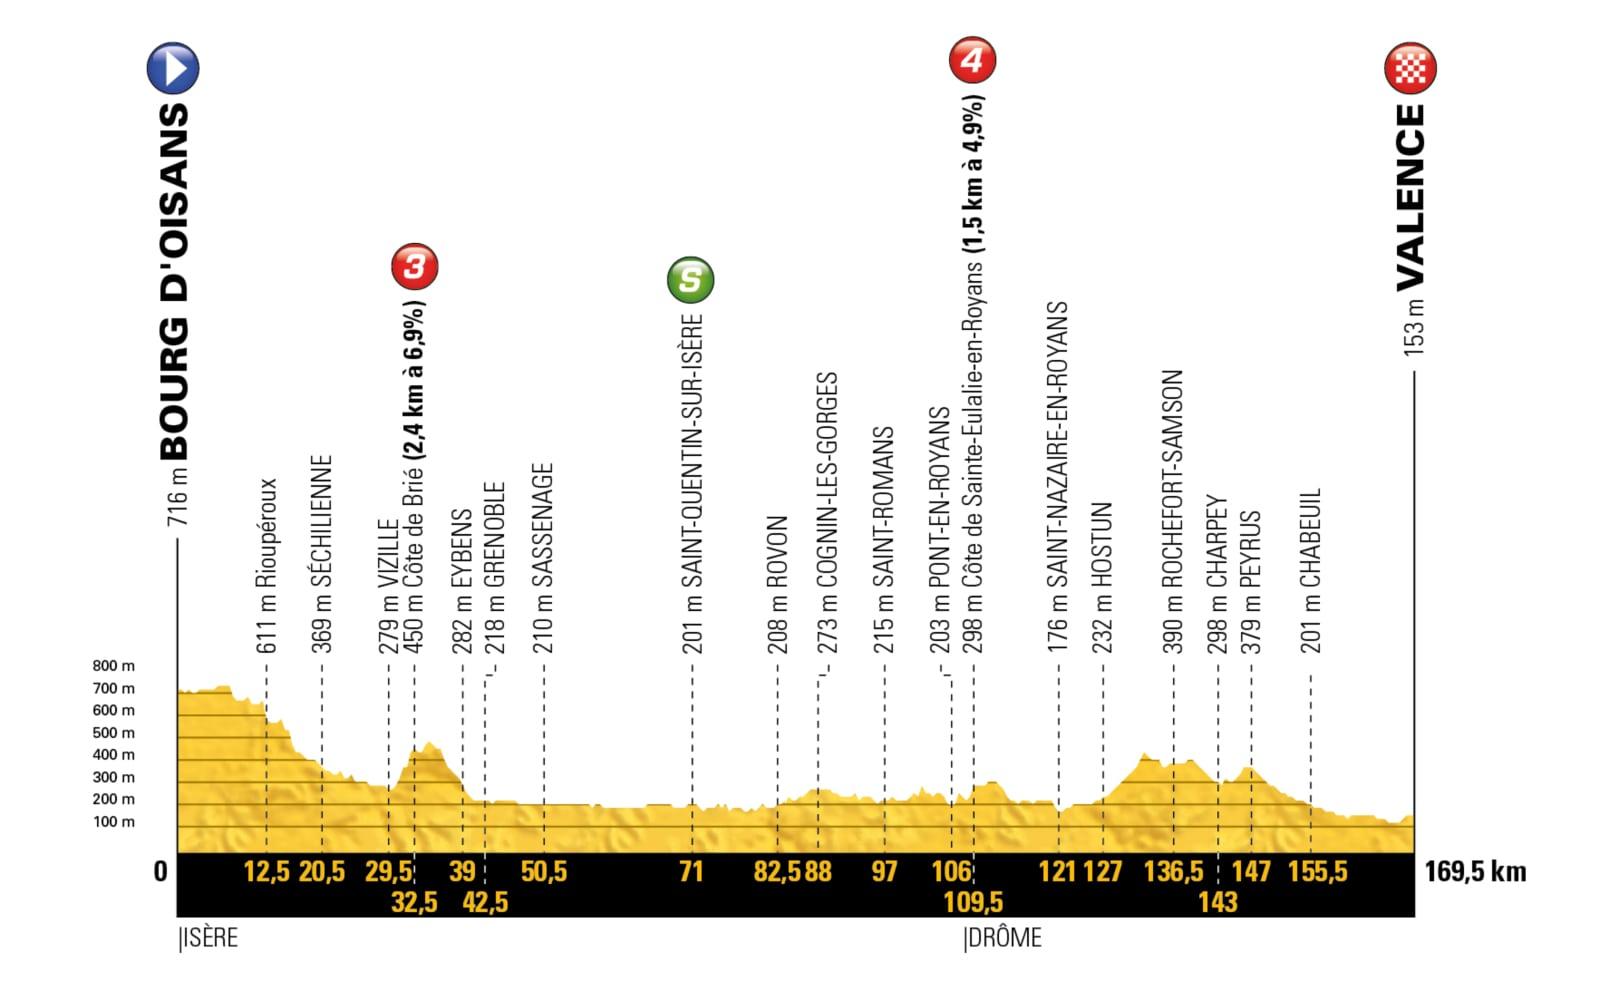 Bourg d'Oisans – Valence. 169,5 kms.